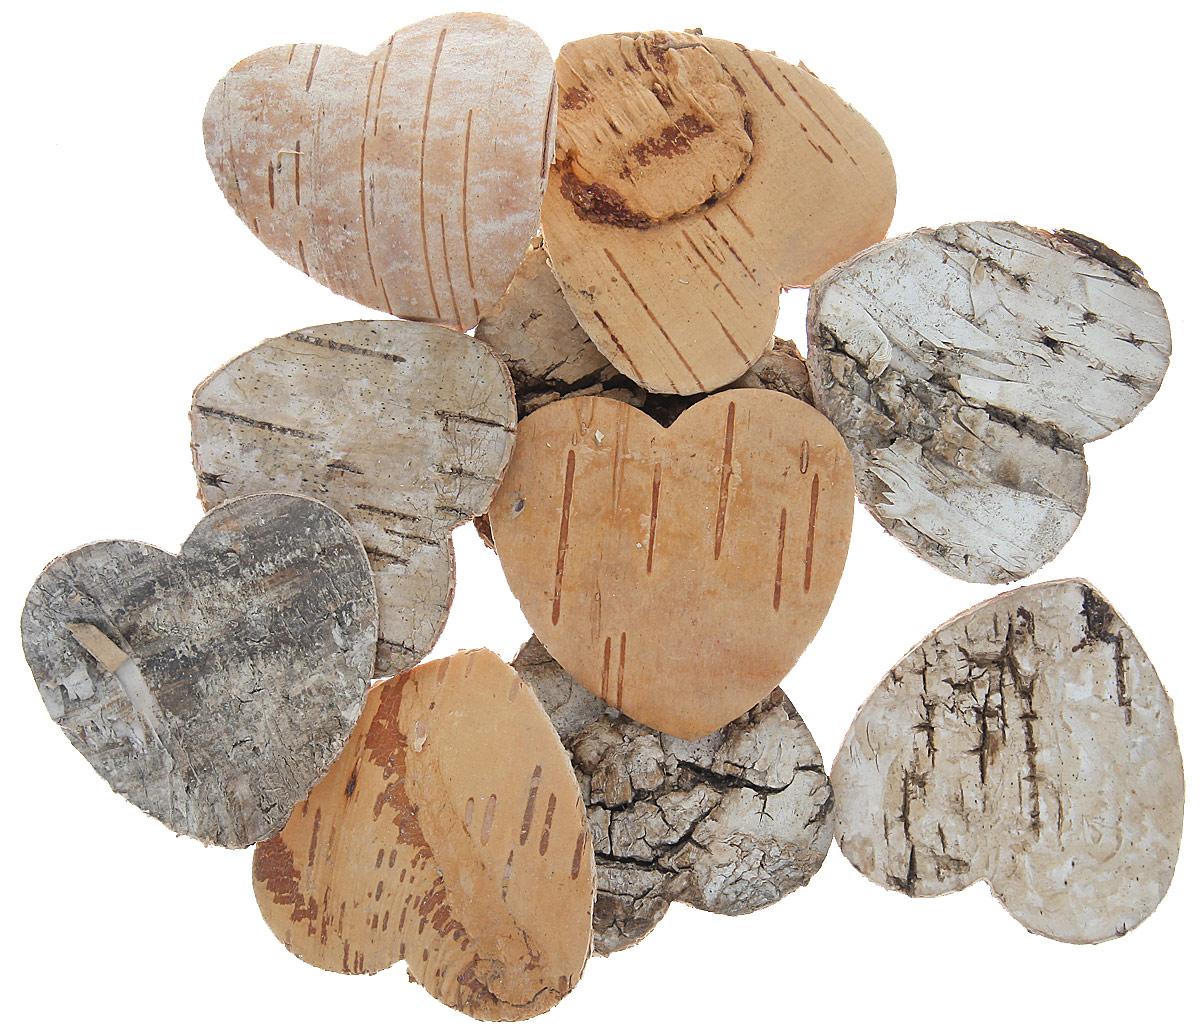 Декоративный элемент Dongjiang Art Сердце, цвет: светло-коричневый, 10 шт7709004_отбеленныйДекоративный элемент Dongjiang Art Сердце, изготовленный из натуральной коры дерева, предназначен для украшения цветочных композиций. Изделие можно также использовать в технике скрапбукинг и многом другом. Флористика - вид декоративно-прикладного искусства, который использует живые, засушенные или консервированные природные материалы для создания флористических работ. Это целый мир, в котором есть место и строгому математическому расчету, и вдохновению. Размер одного элемента: 5 см х 5 см.